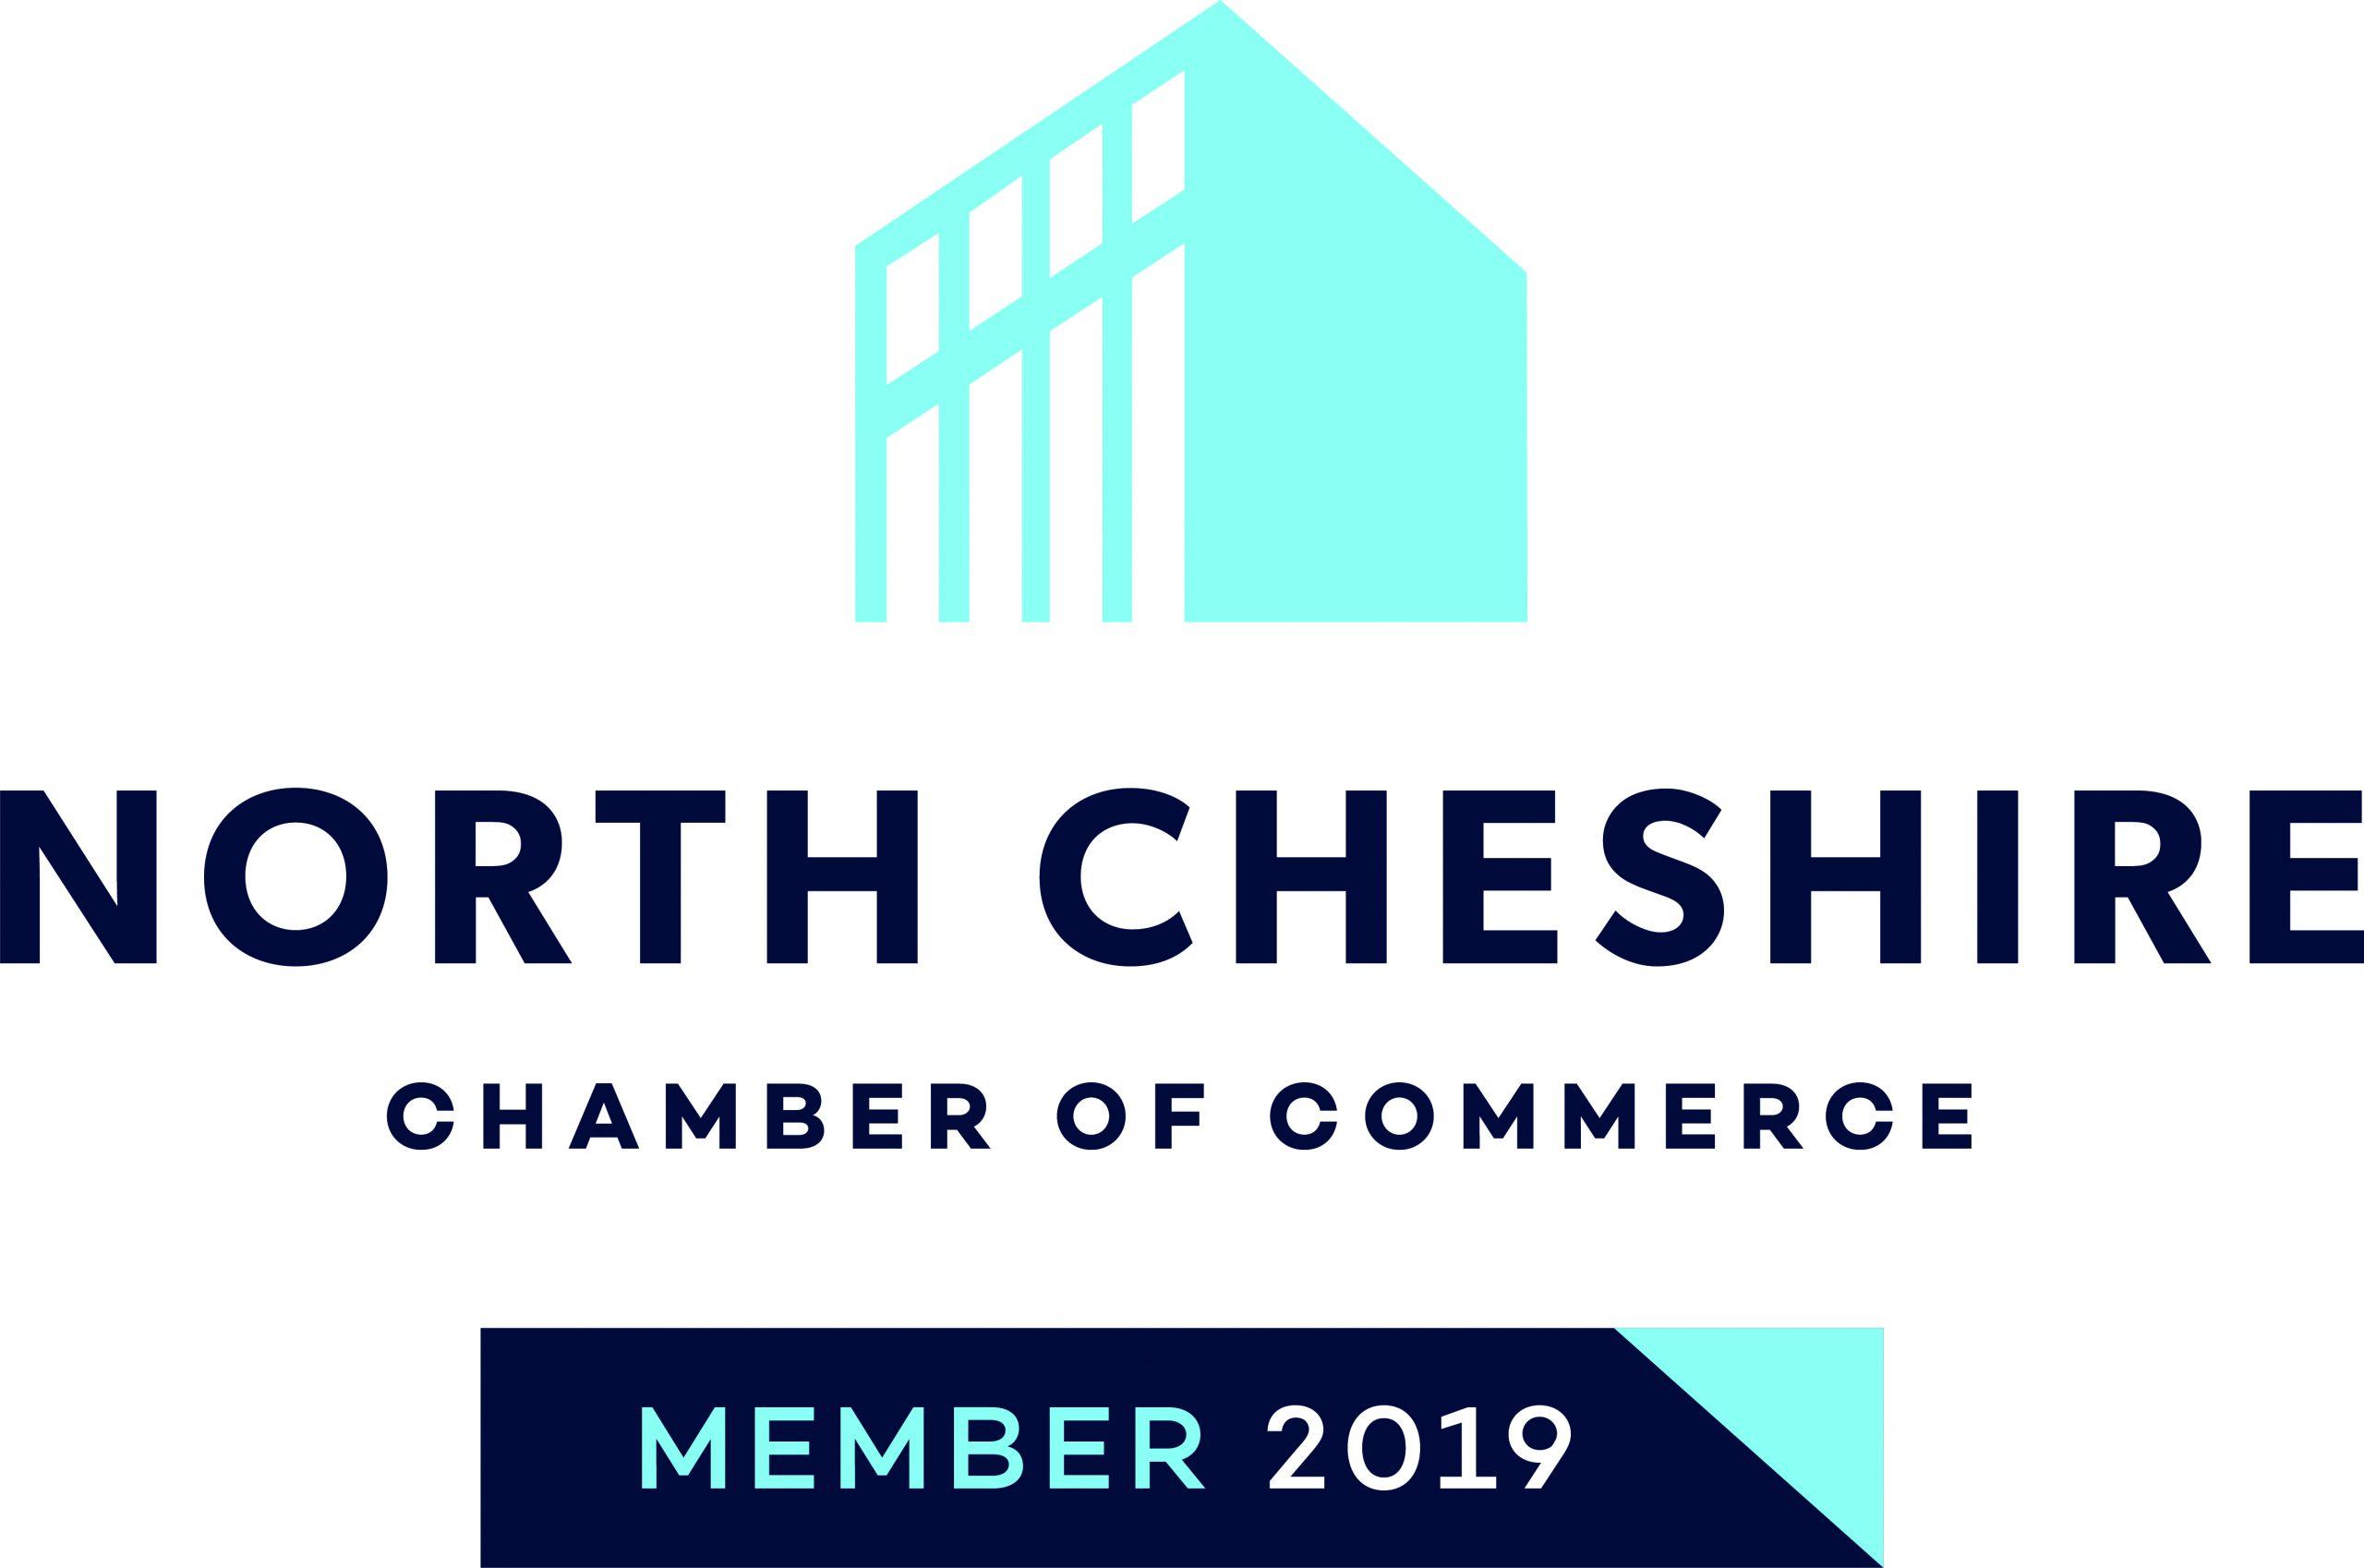 North Cheshire Chamber of Commerce